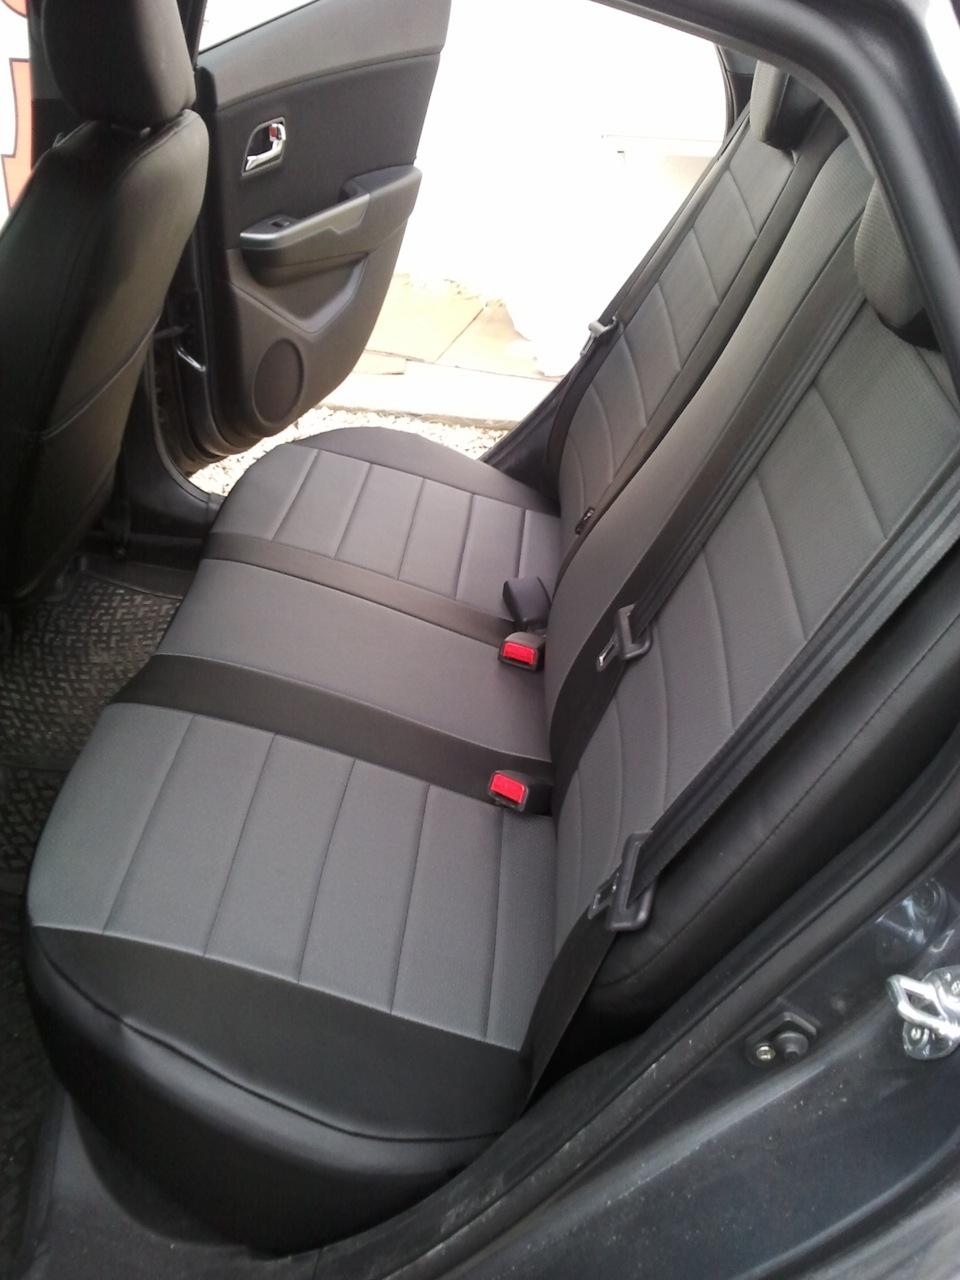 Чехлы на сиденья в автомобиле своими руками фото 507